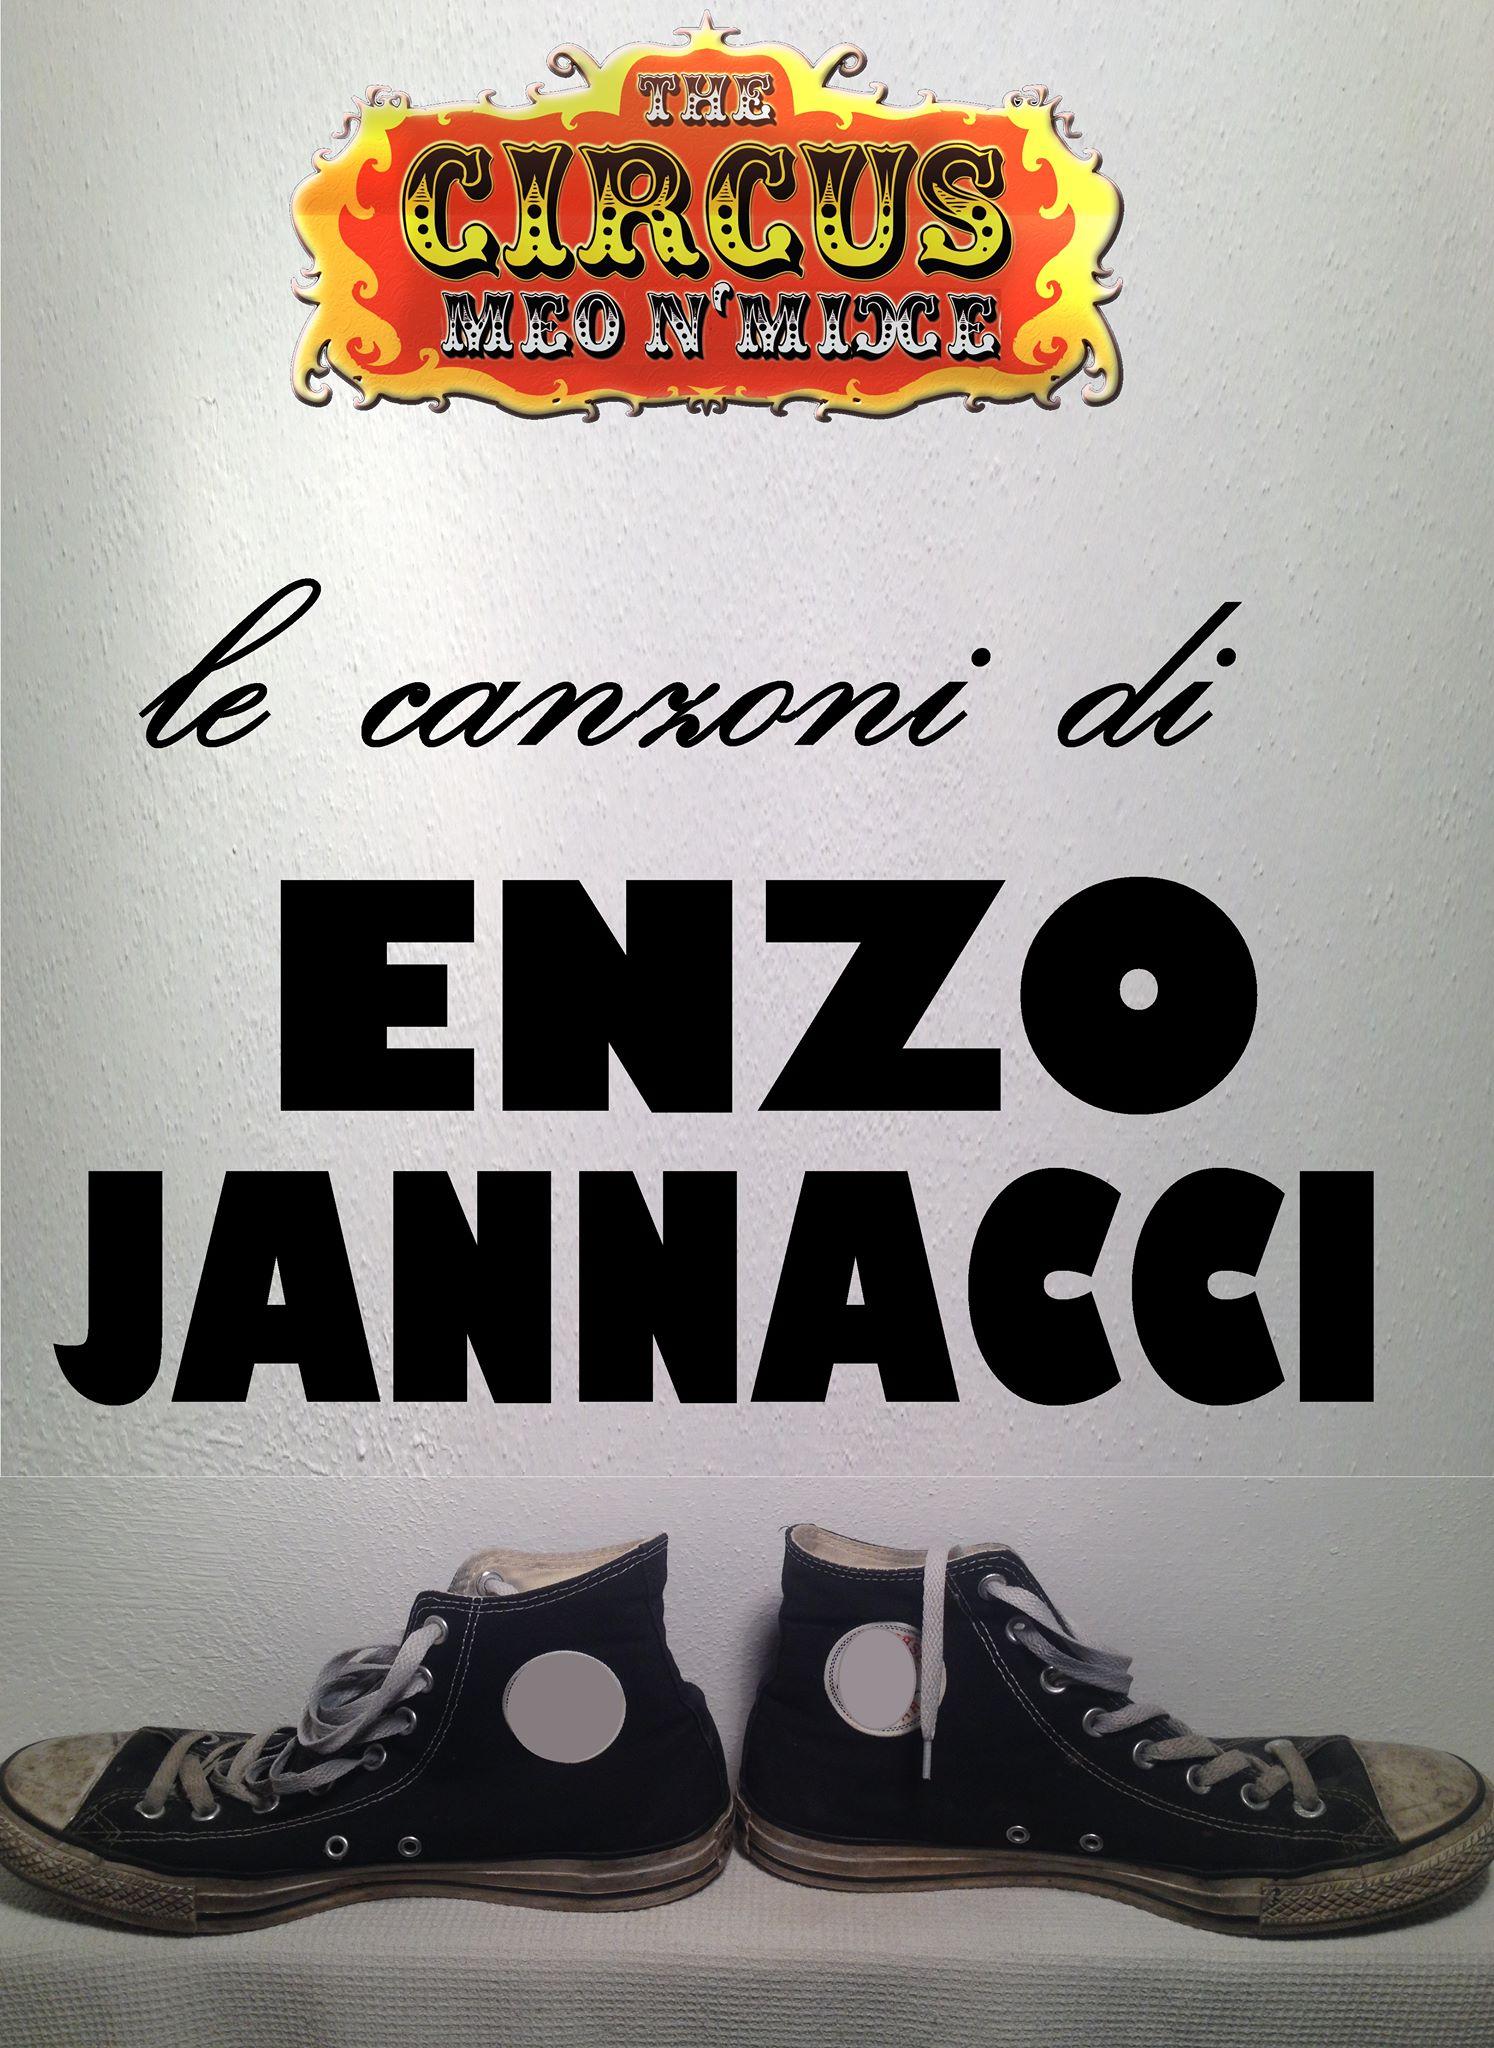 Venerdi 7 ottobre 2016 MEO MIXE CIRCUS Le canzoni di Enzo Jannacci con Meo Cominardi e Marco Mixie @ Enotema